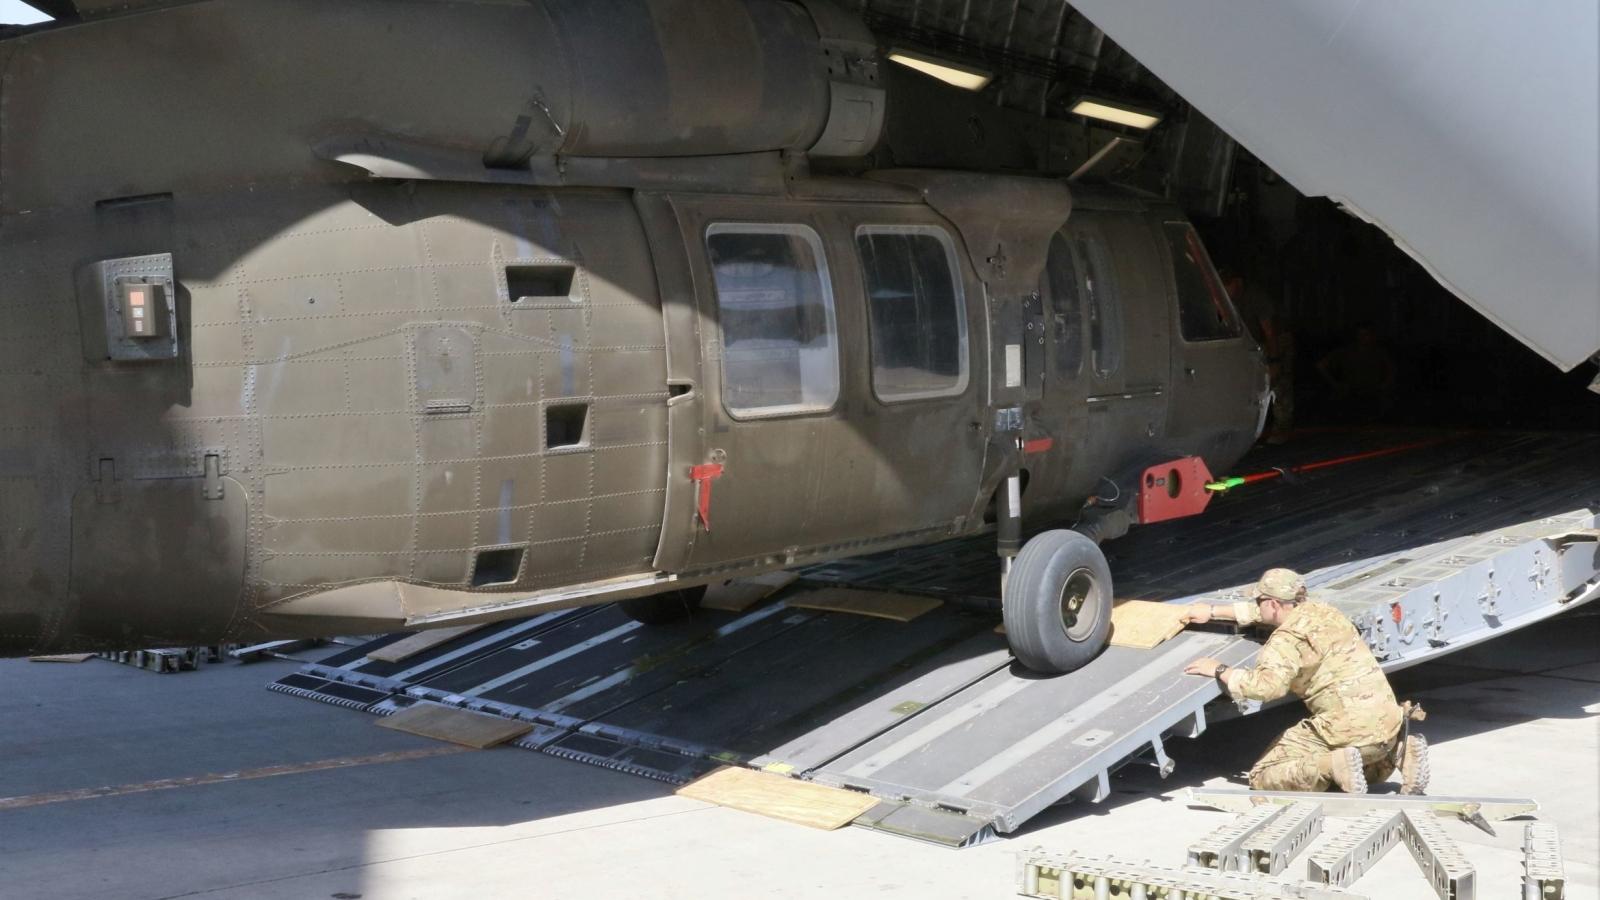 Mỹ xác nhận chuyển giao căn cứ lớn nhất cho lực lượng quốc phòng và an ninh Afghanistan